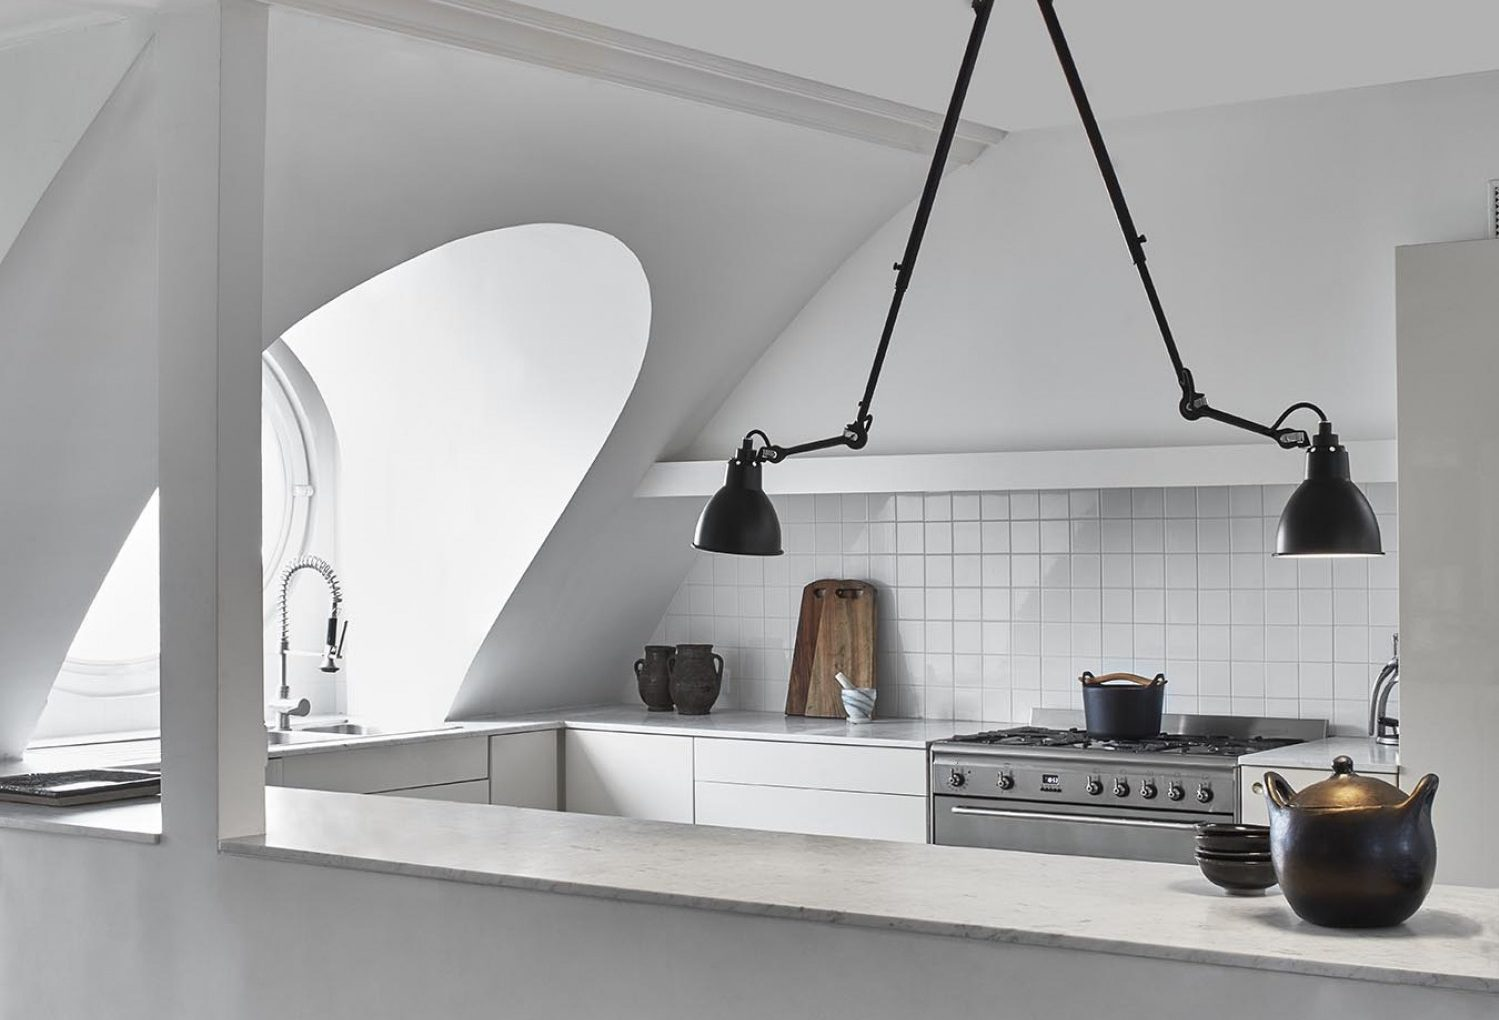 design loftlamper 8 smarte loftlamper i moderne design til det stilbevidste hjem design loftlamper